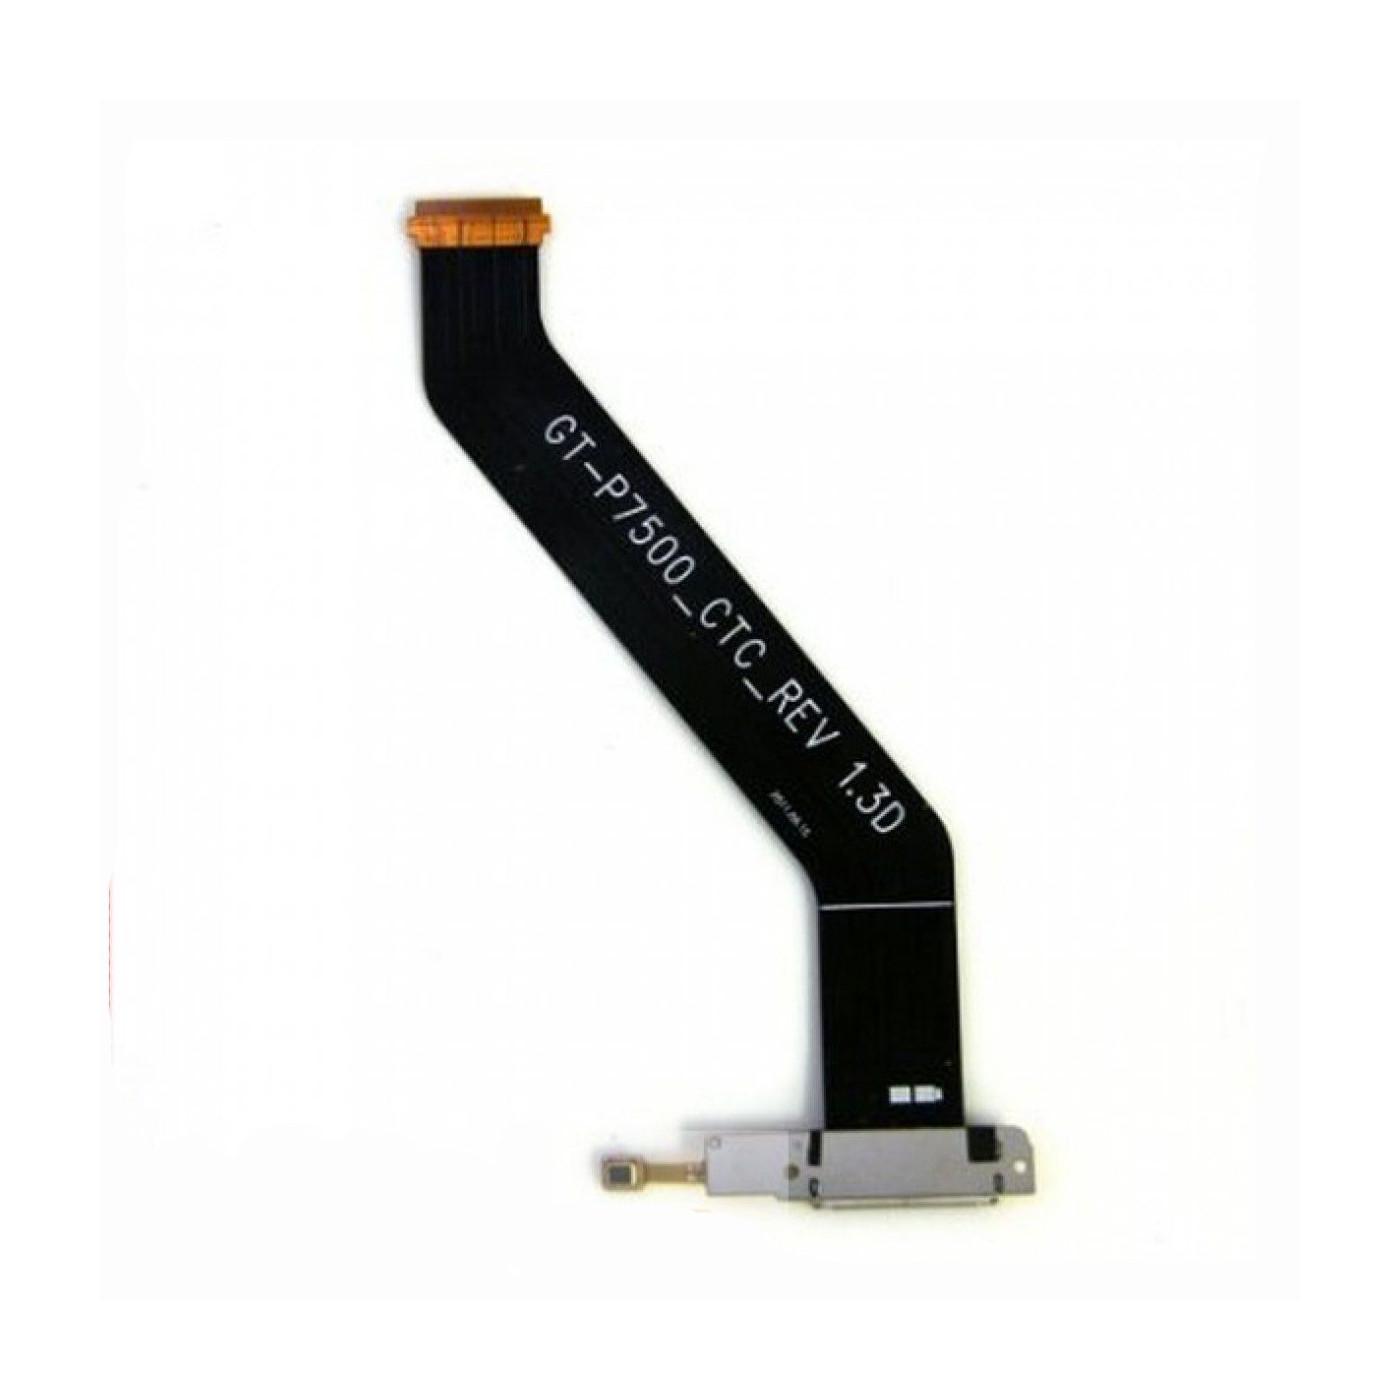 Connettore di ricarica Samsung Galaxy Tab P7500 flat dock dati carica